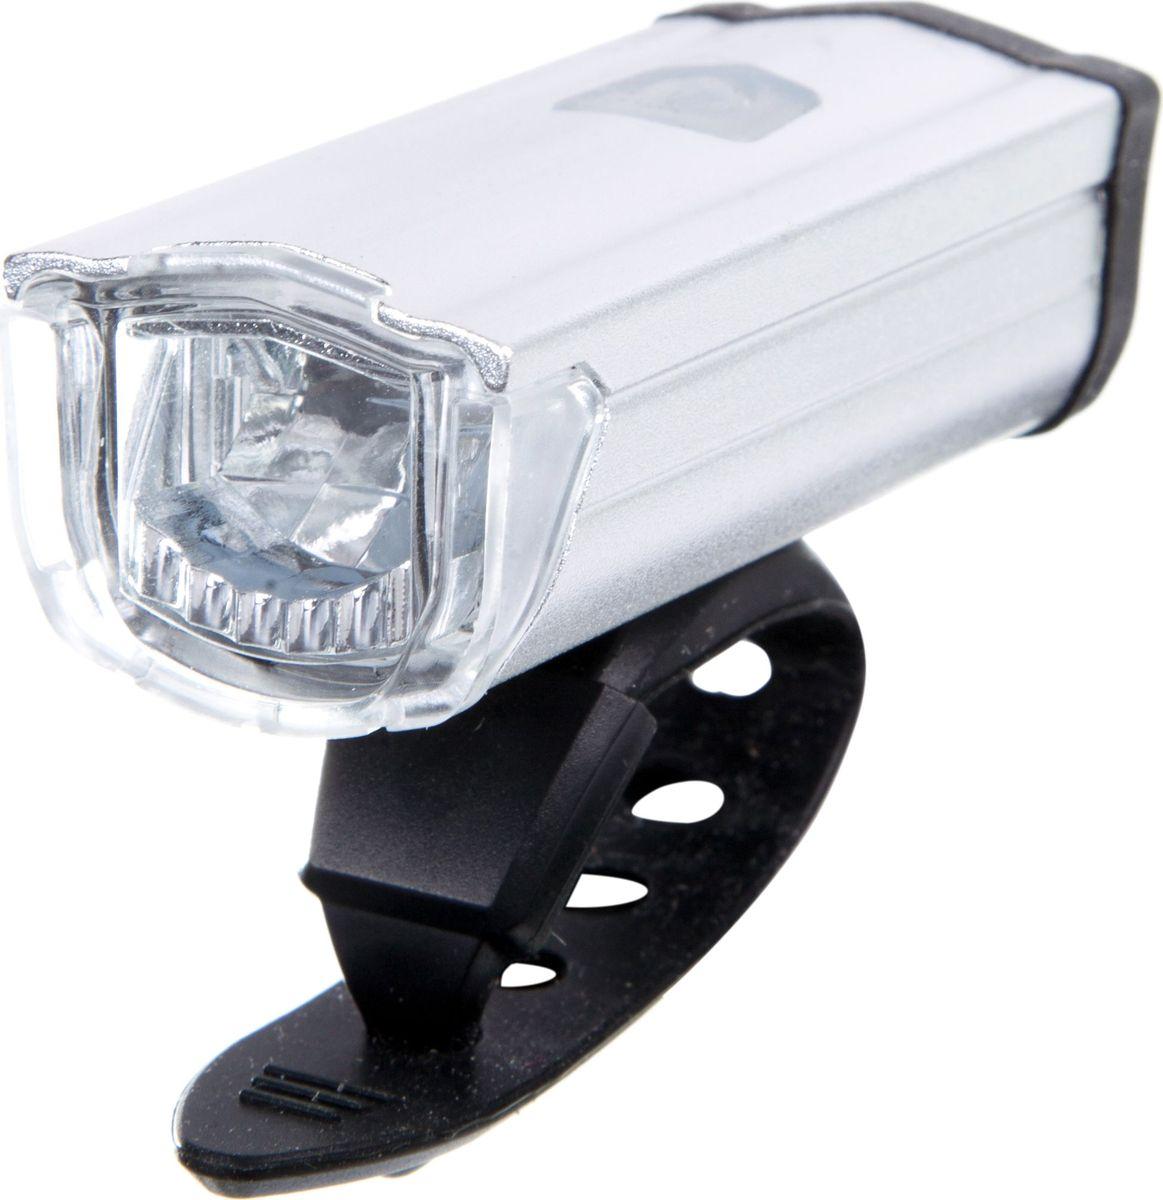 Фонарь велосипедный STG JY7040, передний, с зарядкой от USB, цвет: серебристыйХ81484Передний велофонарь STG JY7040 предназначен для обеспечения большей безопасности при поездках в темное время суток. Он легко крепится и снимается без дополнительных инструментов. Корпус изделия выполнен из прочного алюминия, пластика и резины. Фонарь имеет 3 режима: 100% свечение (1,5 часа), 50% свечение (2,5 часа), мерцание (2,5 часа).Фонарь питается от литиевой батарейки (3,7V/550mAh), заряжающегося от компьютера при помощи USB кабеля.